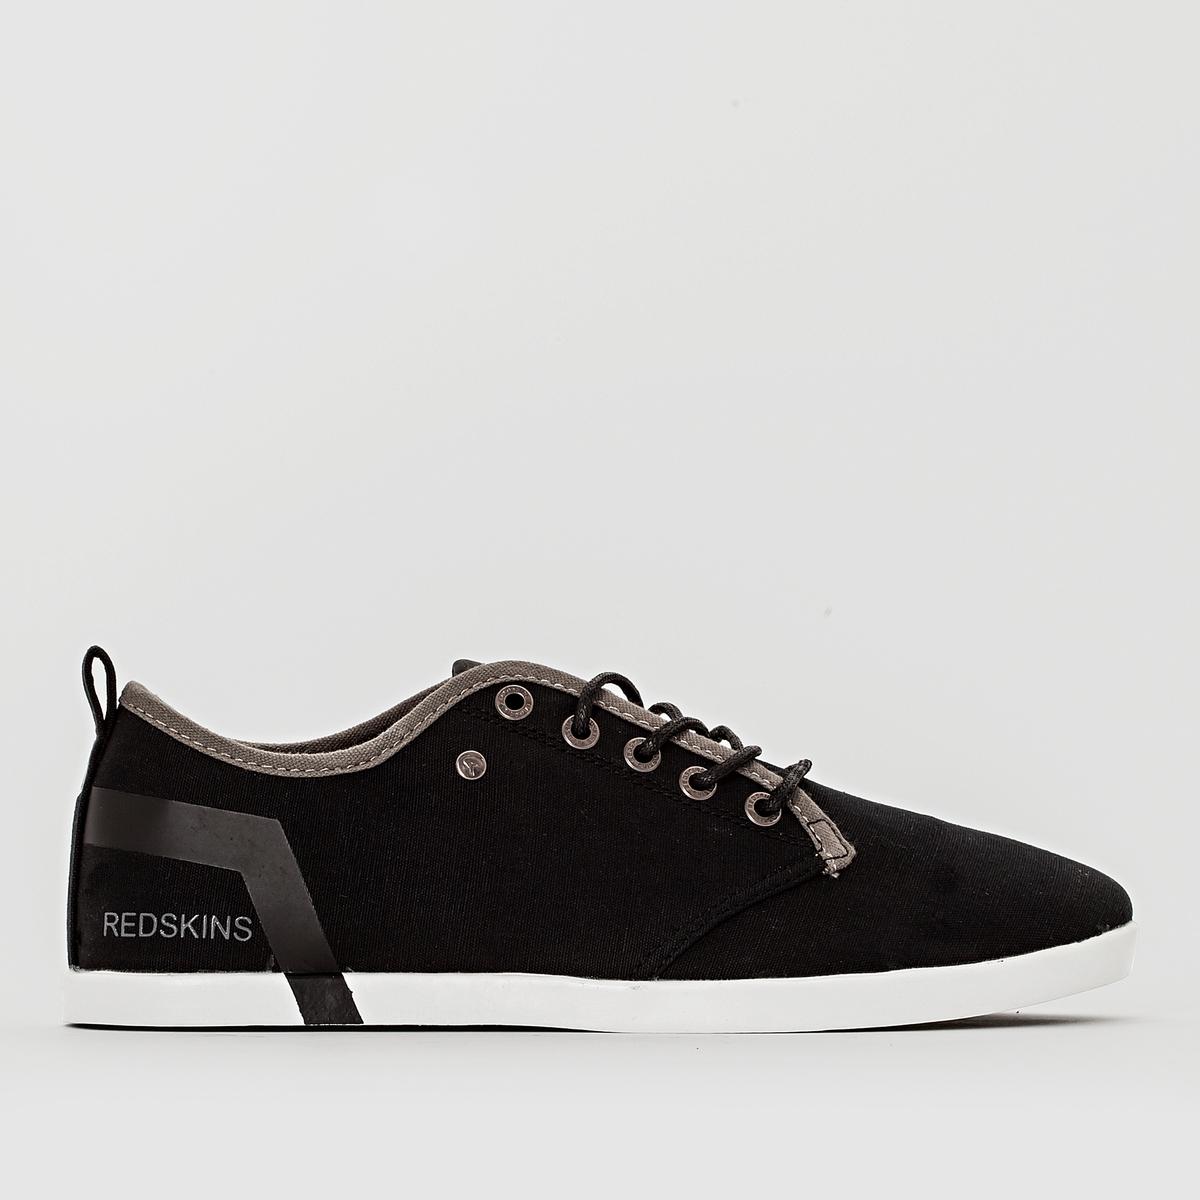 Кеды ZIGORДетали  •  Спортивный стиль •  Плоский каблук •  Высота каблука : 0 см •  Застежка : шнуровка •  Гладкая отделкаСостав и уход  •  Верх 100% текстиль •  Подкладка 100% текстиль •  Стелька 100% кожа •  Подошва 100% эластомер<br><br>Цвет: черный/серый